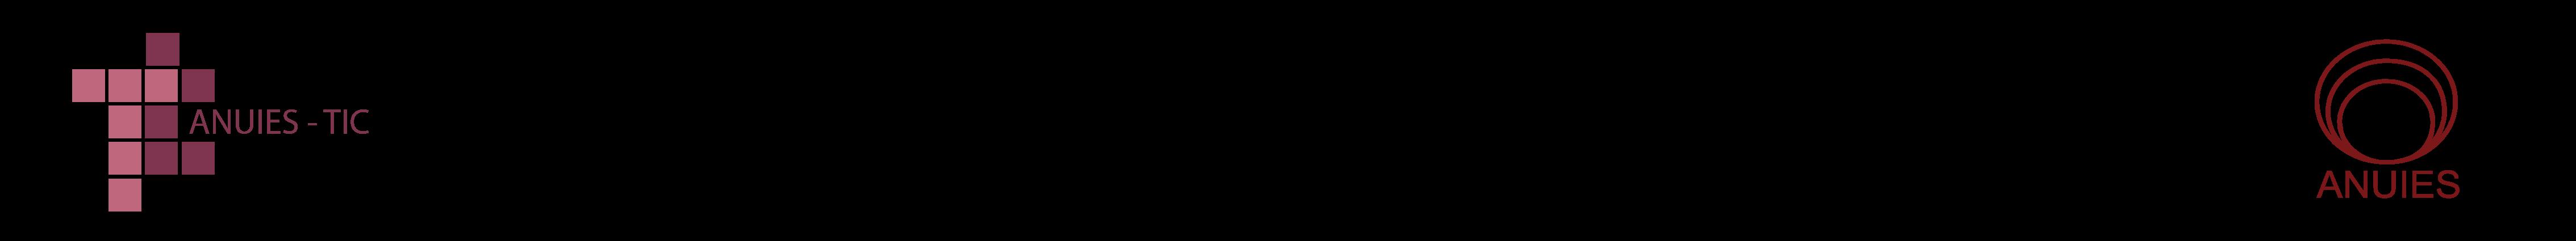 Comité ANUIES-TIC logo